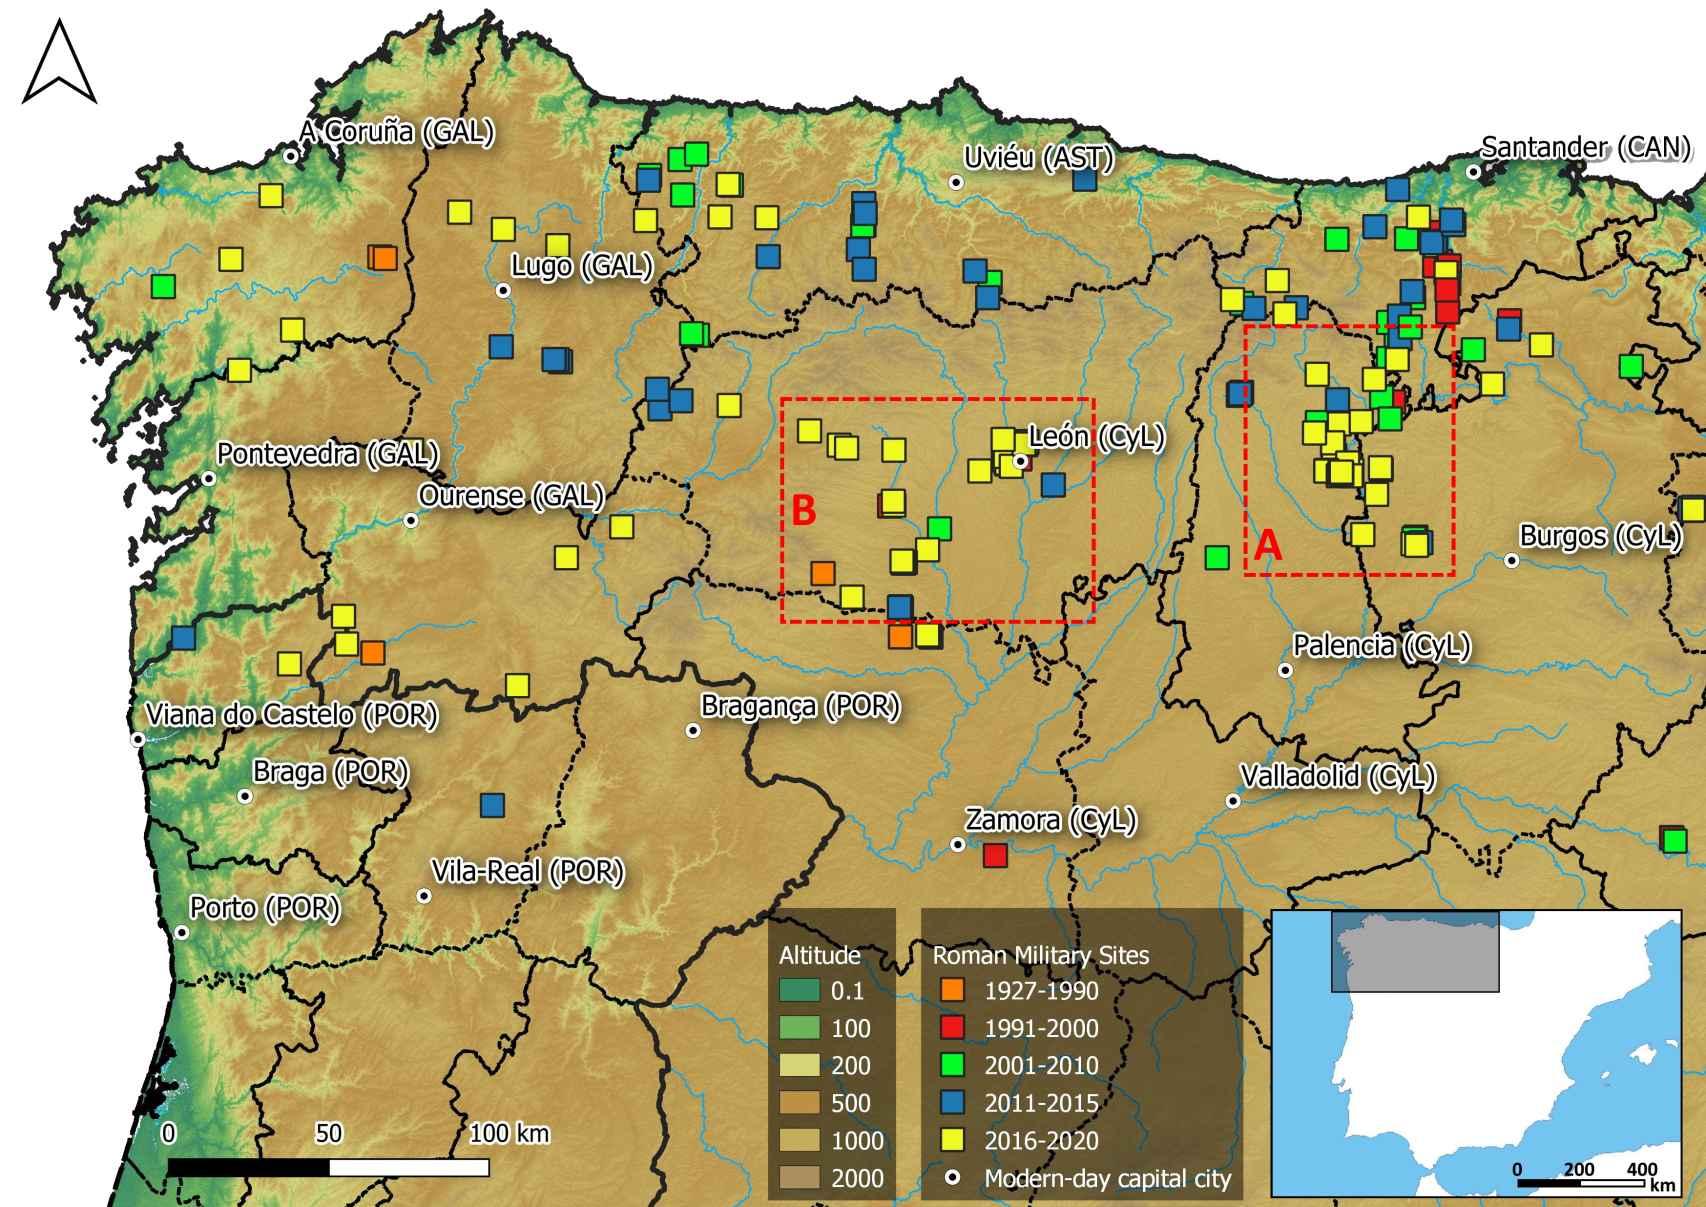 Cronología del descubrimiento de los recintos militares romanos en el noroeste de la Península Ibérica.  Los nuevos rodamientos están resaltados en cuadros de puntos.